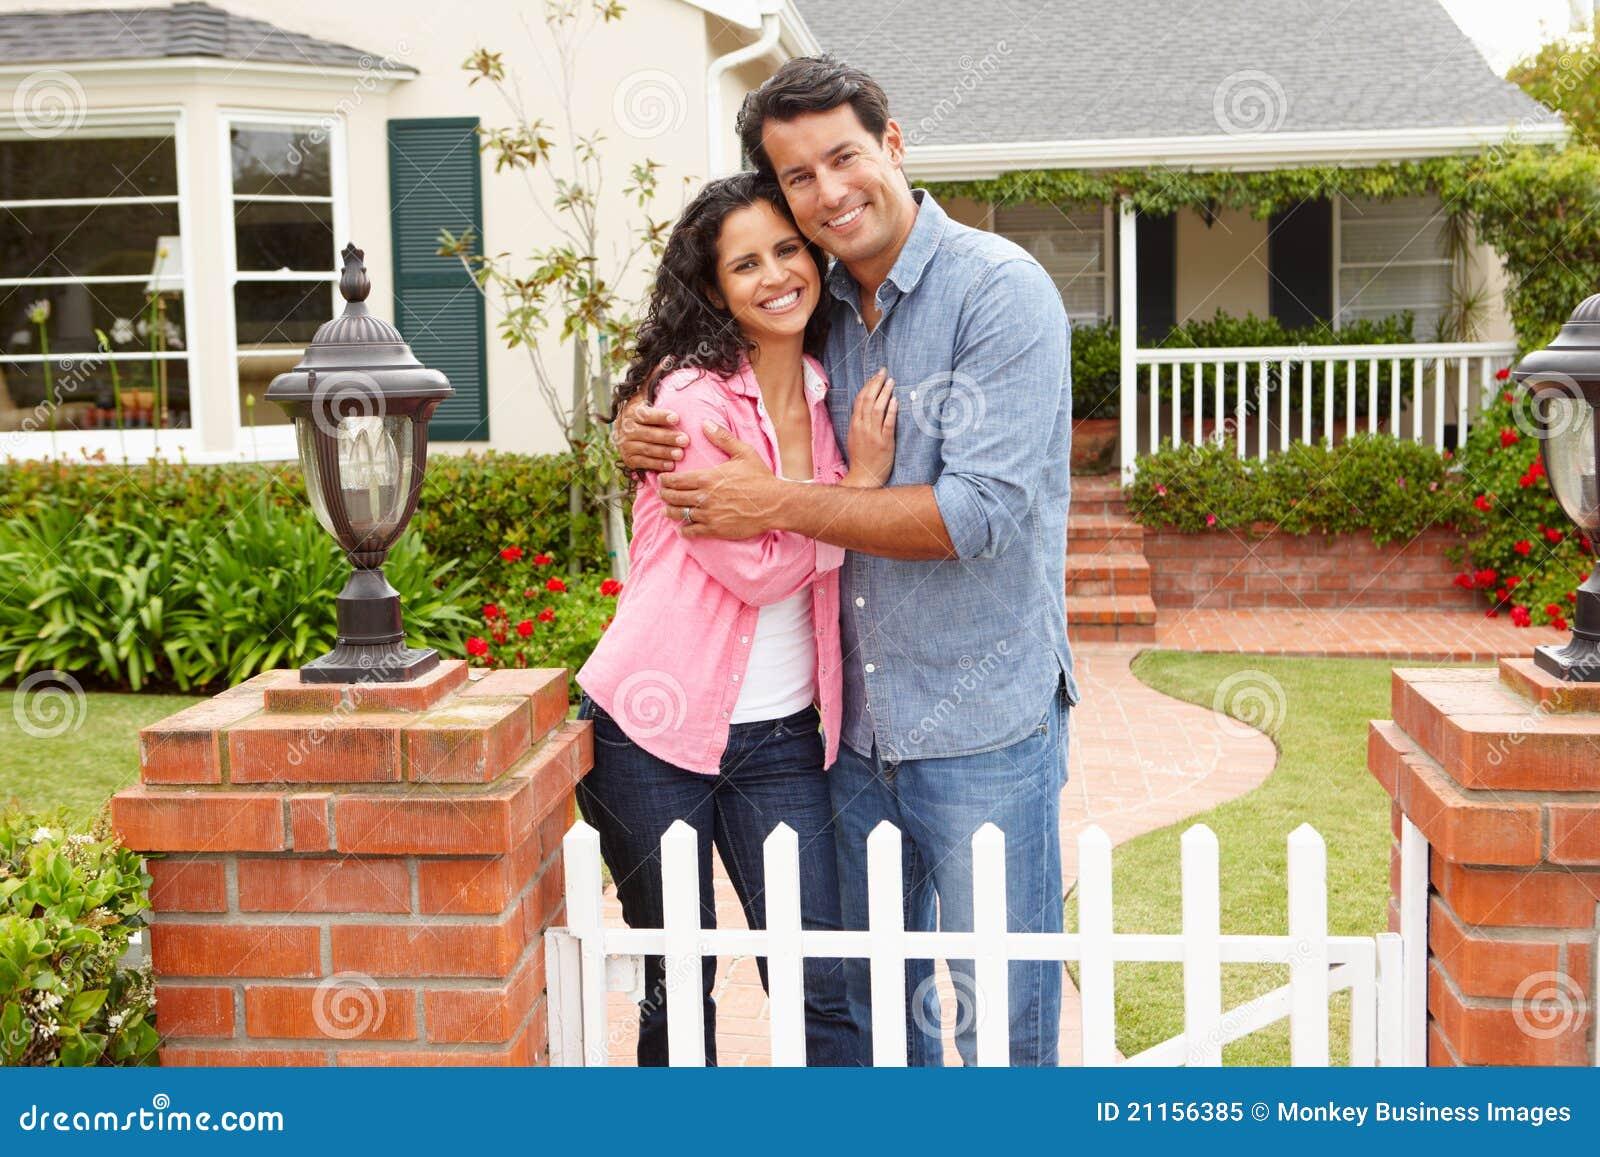 Spaans paar dat zich buiten huis bevindt